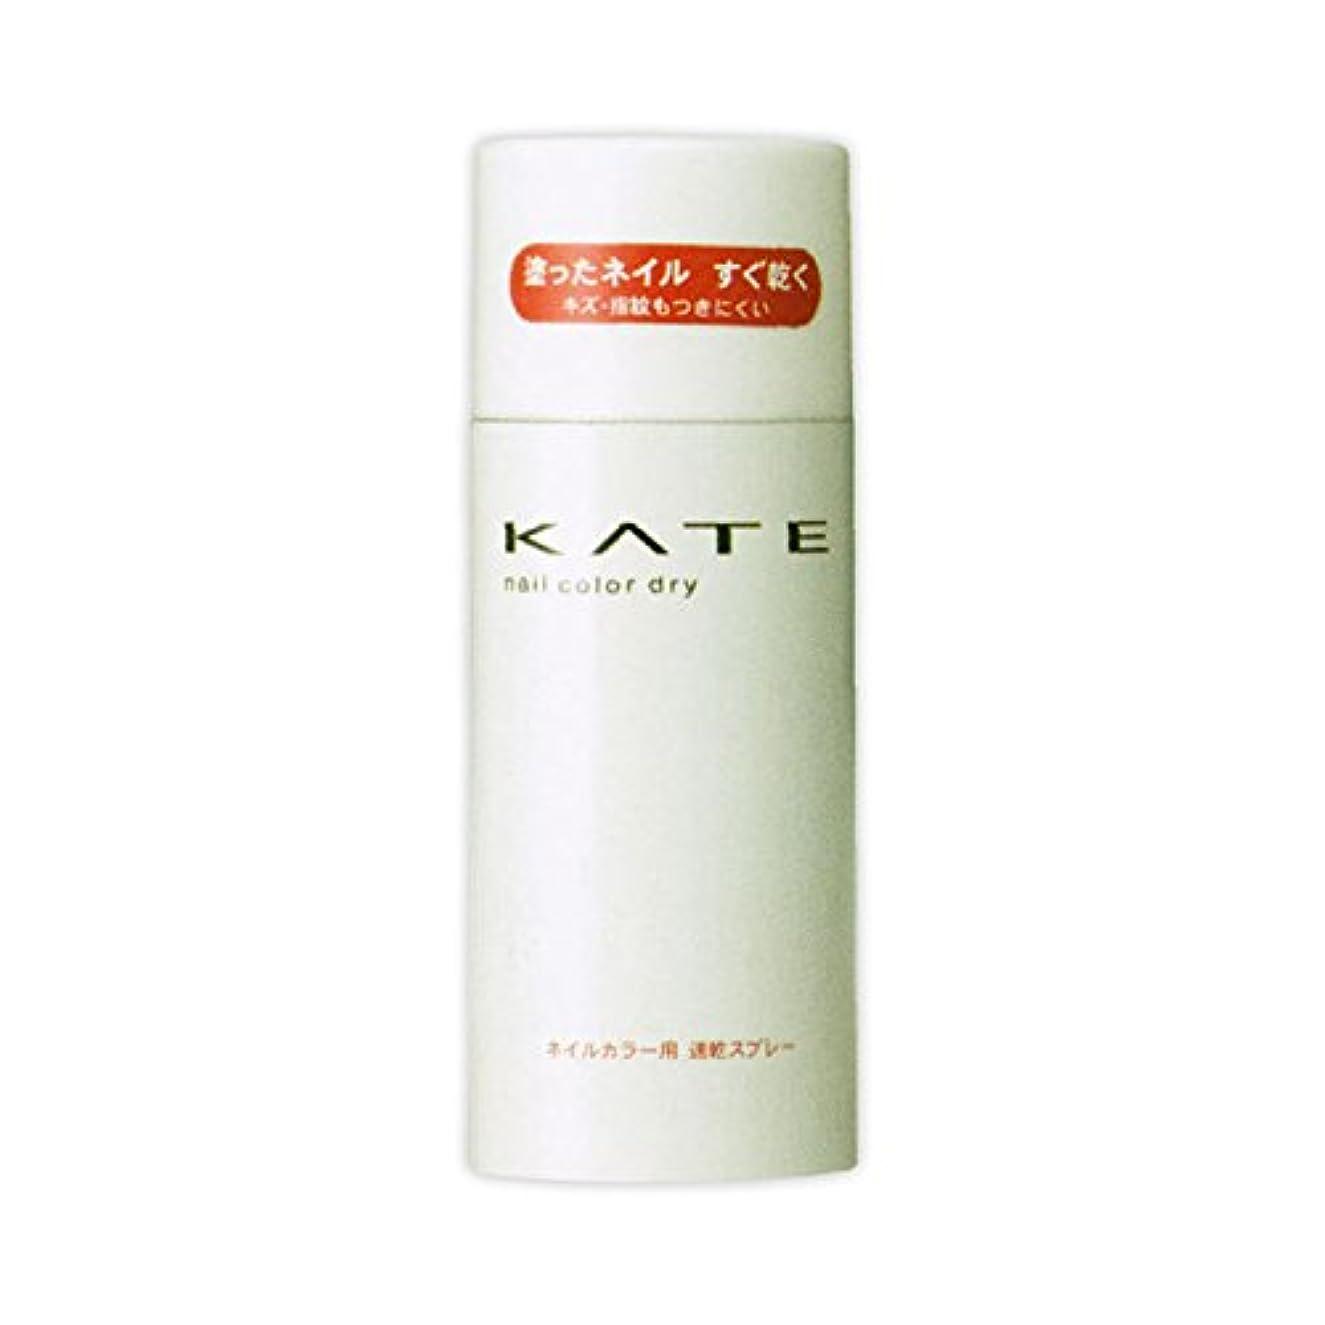 頬小競り合い黙認するカネボウ ケイト KATE ネイルカラードライ S 90g